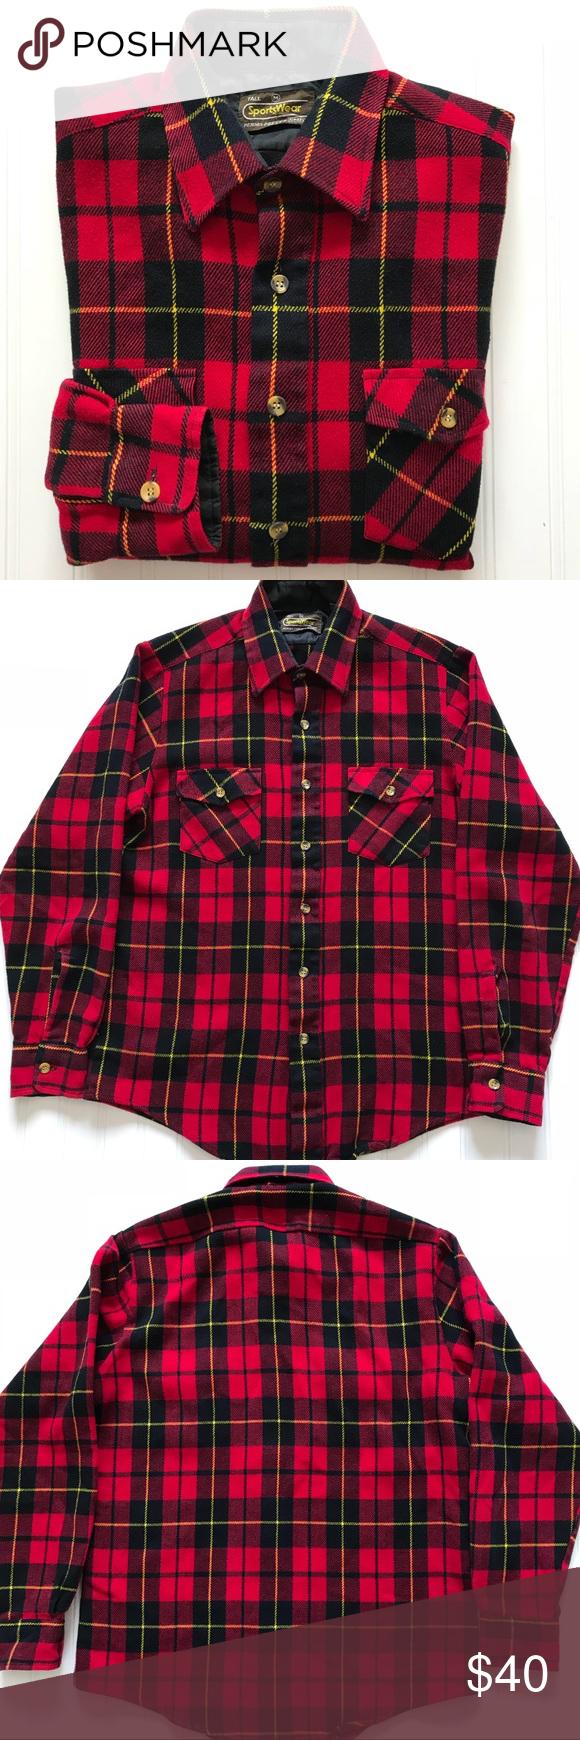 Flannel shirt vintage  Vintage Buffalo Plaid Flannel Shirt M in   My Posh Picks